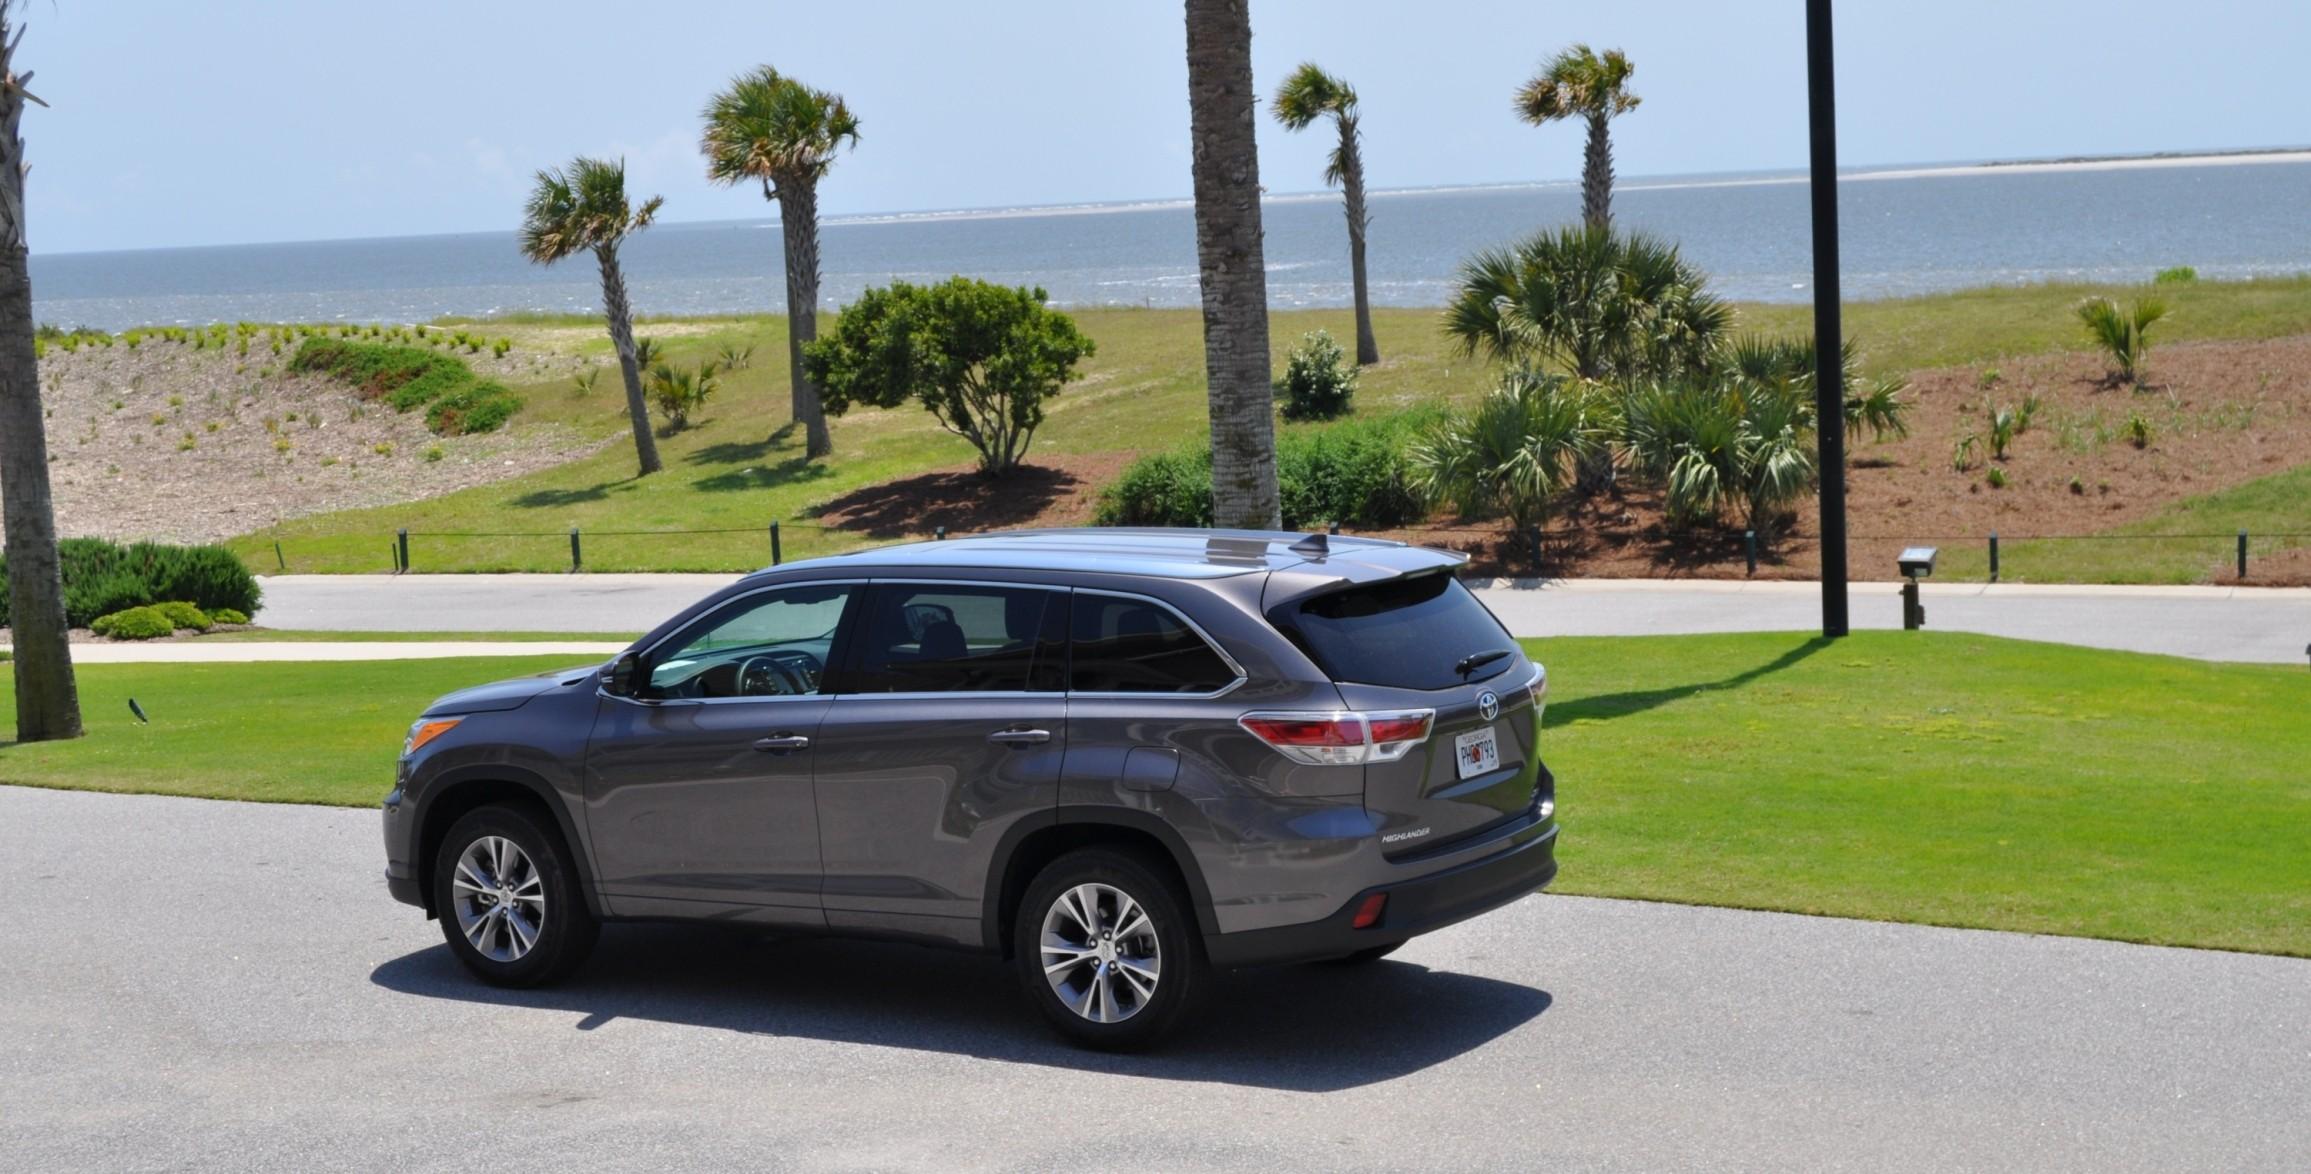 Car-Revs-Daily.com Road Test Review - 2014 Toyota Highlander XLE V6 93